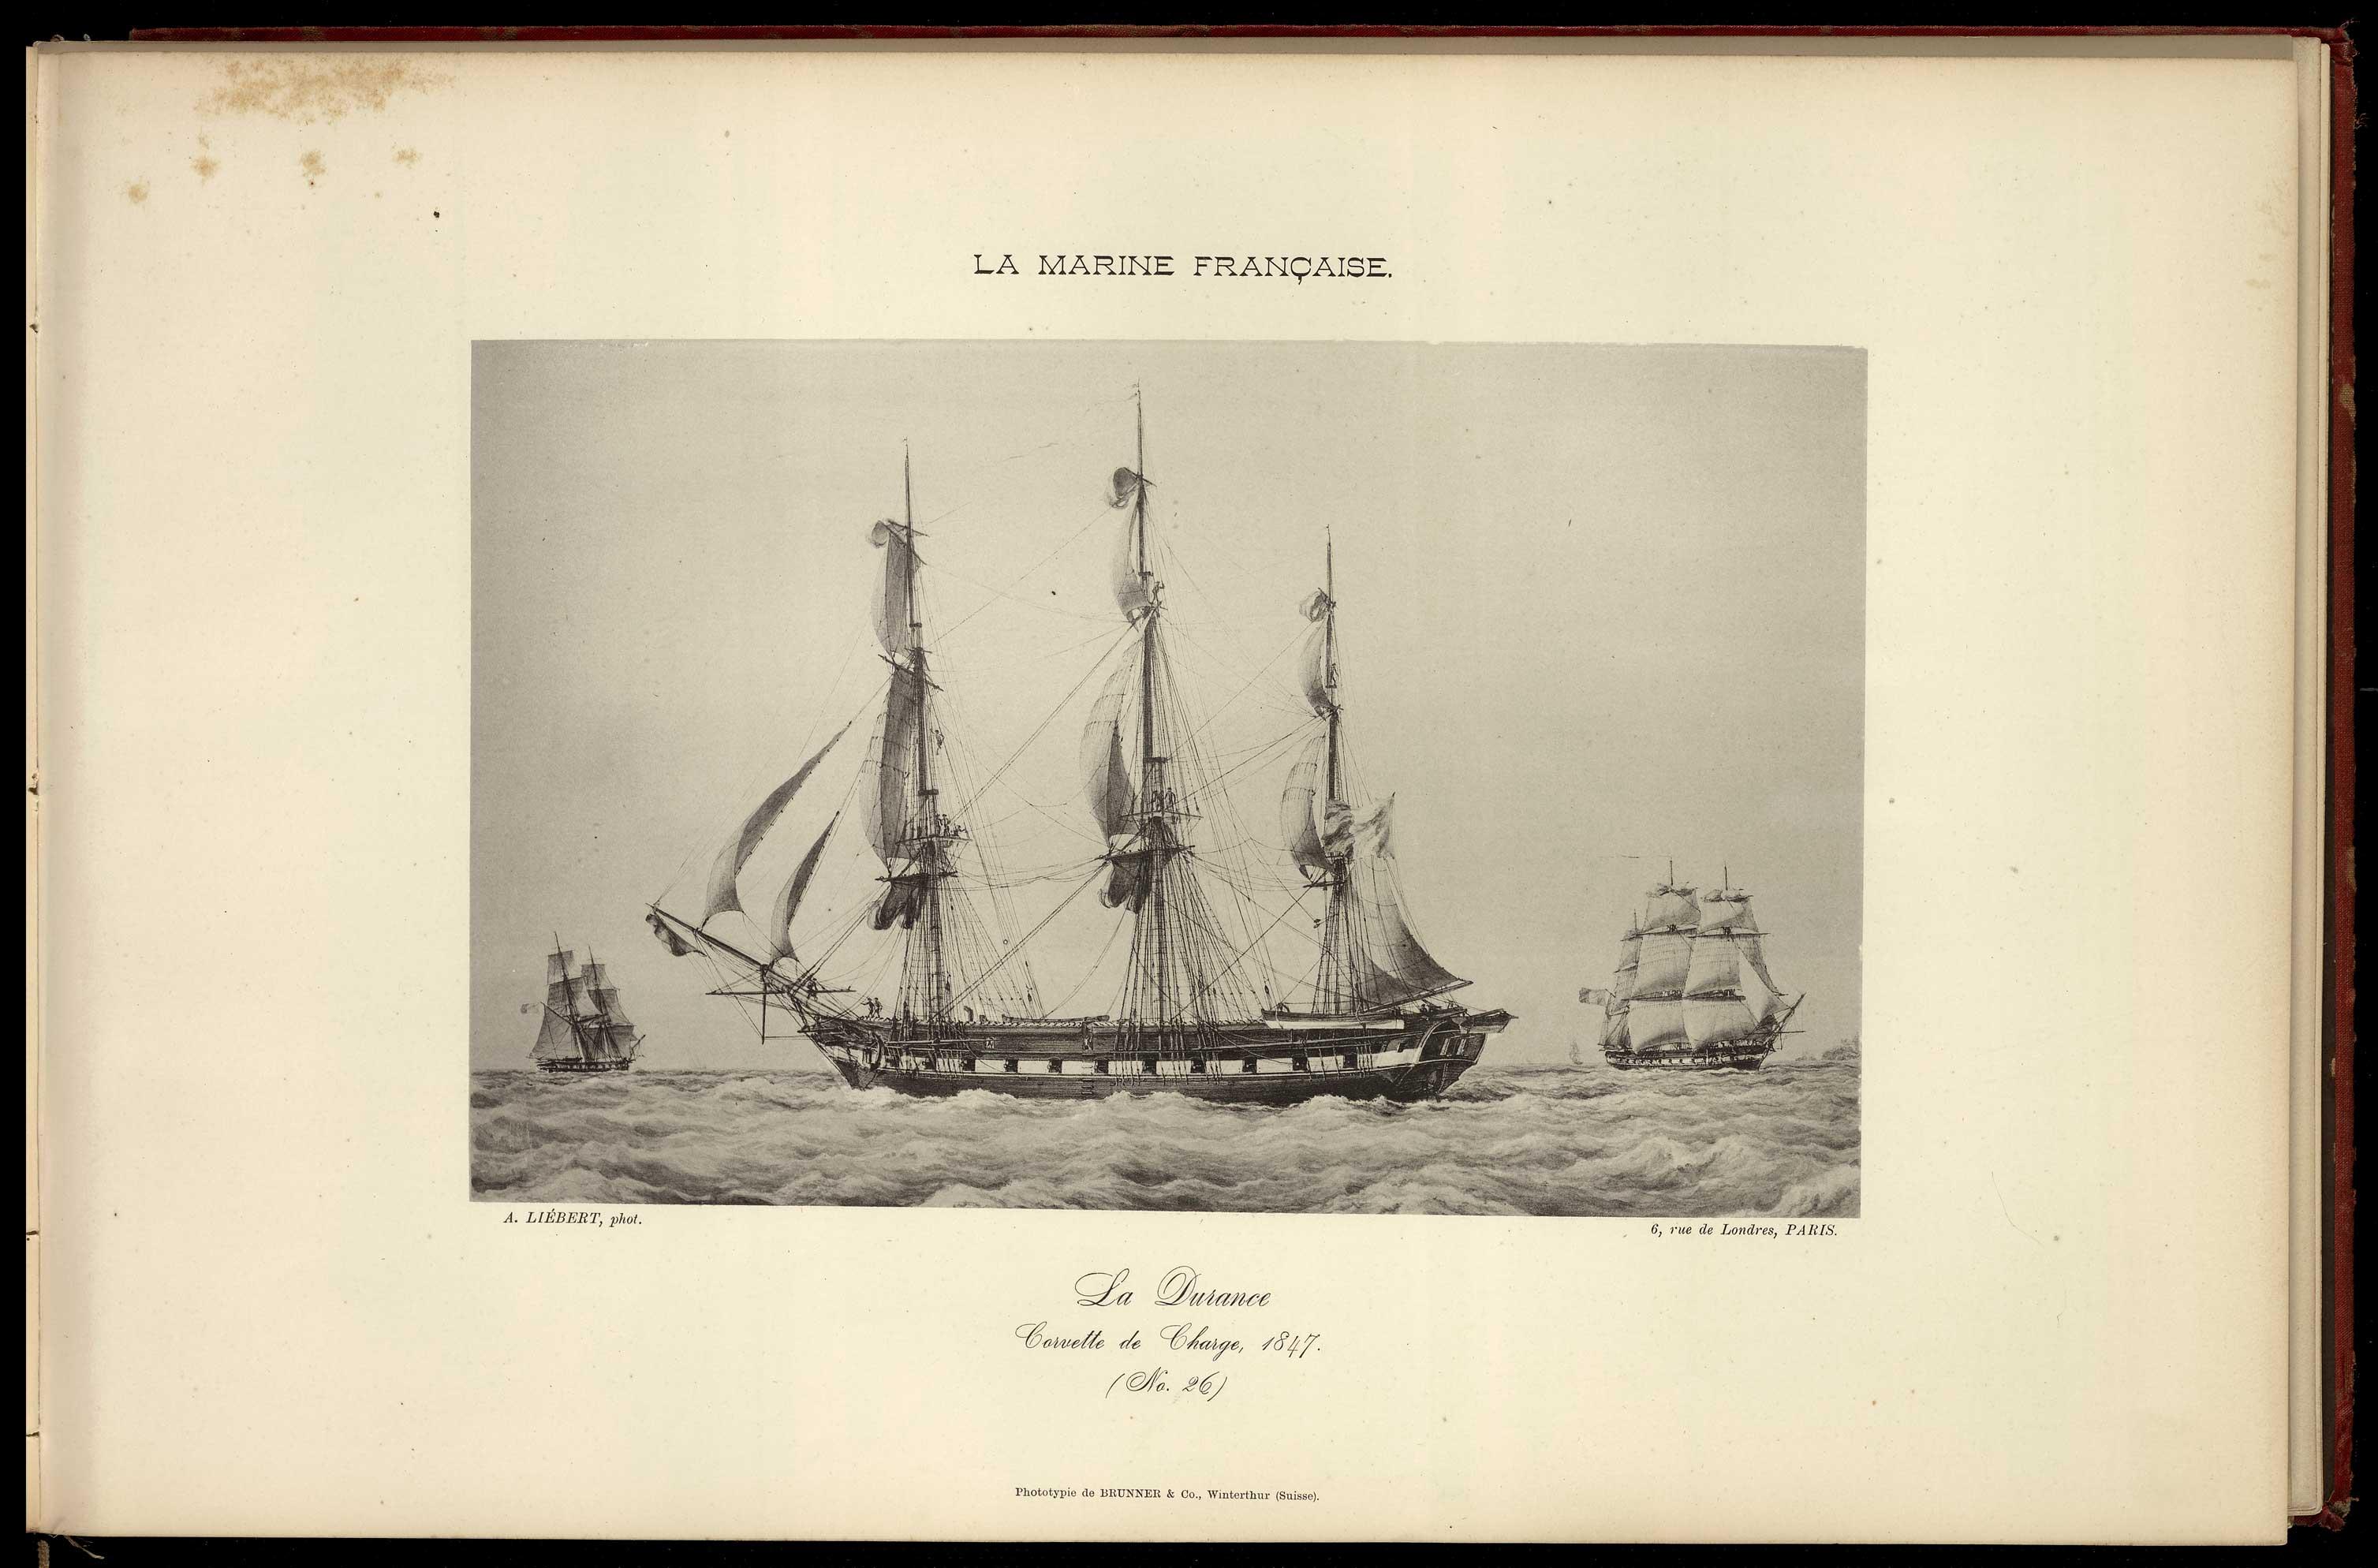 LES ÉVOLUTIONS DU SABRE D'OFFICIER DE MARINE FRANÇAIS DE 1837 À NOS JOURS - Page 6 La_dur10